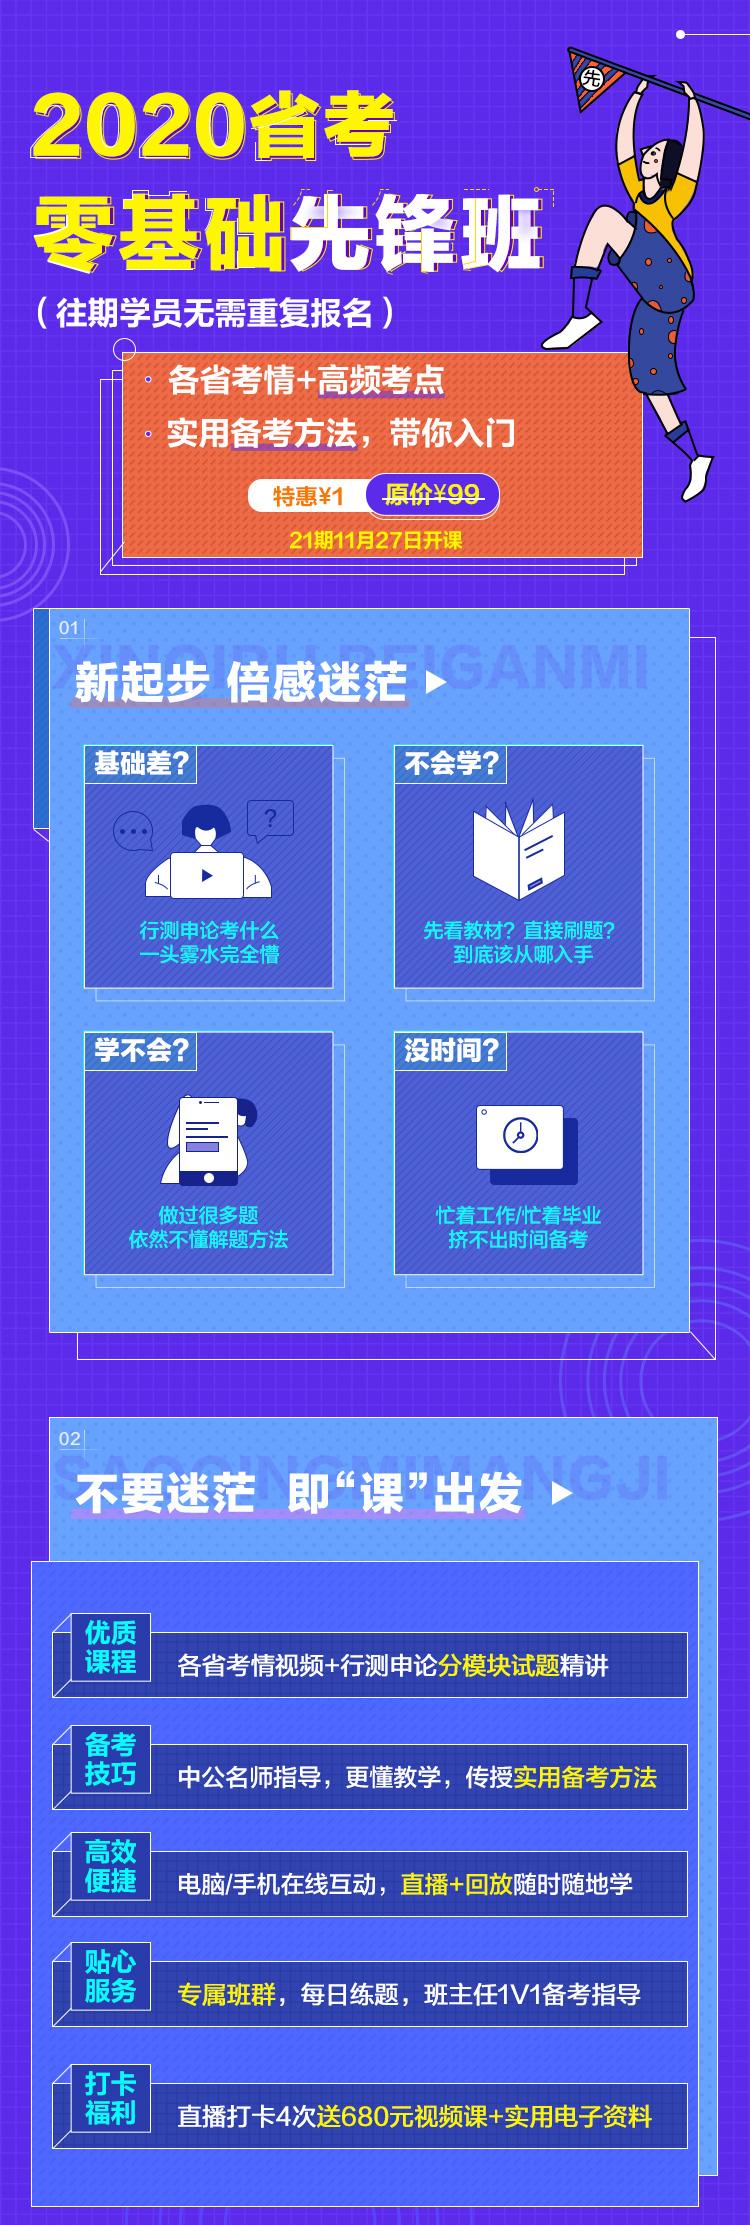 2020省考零基础先锋班-网校_01.jpg